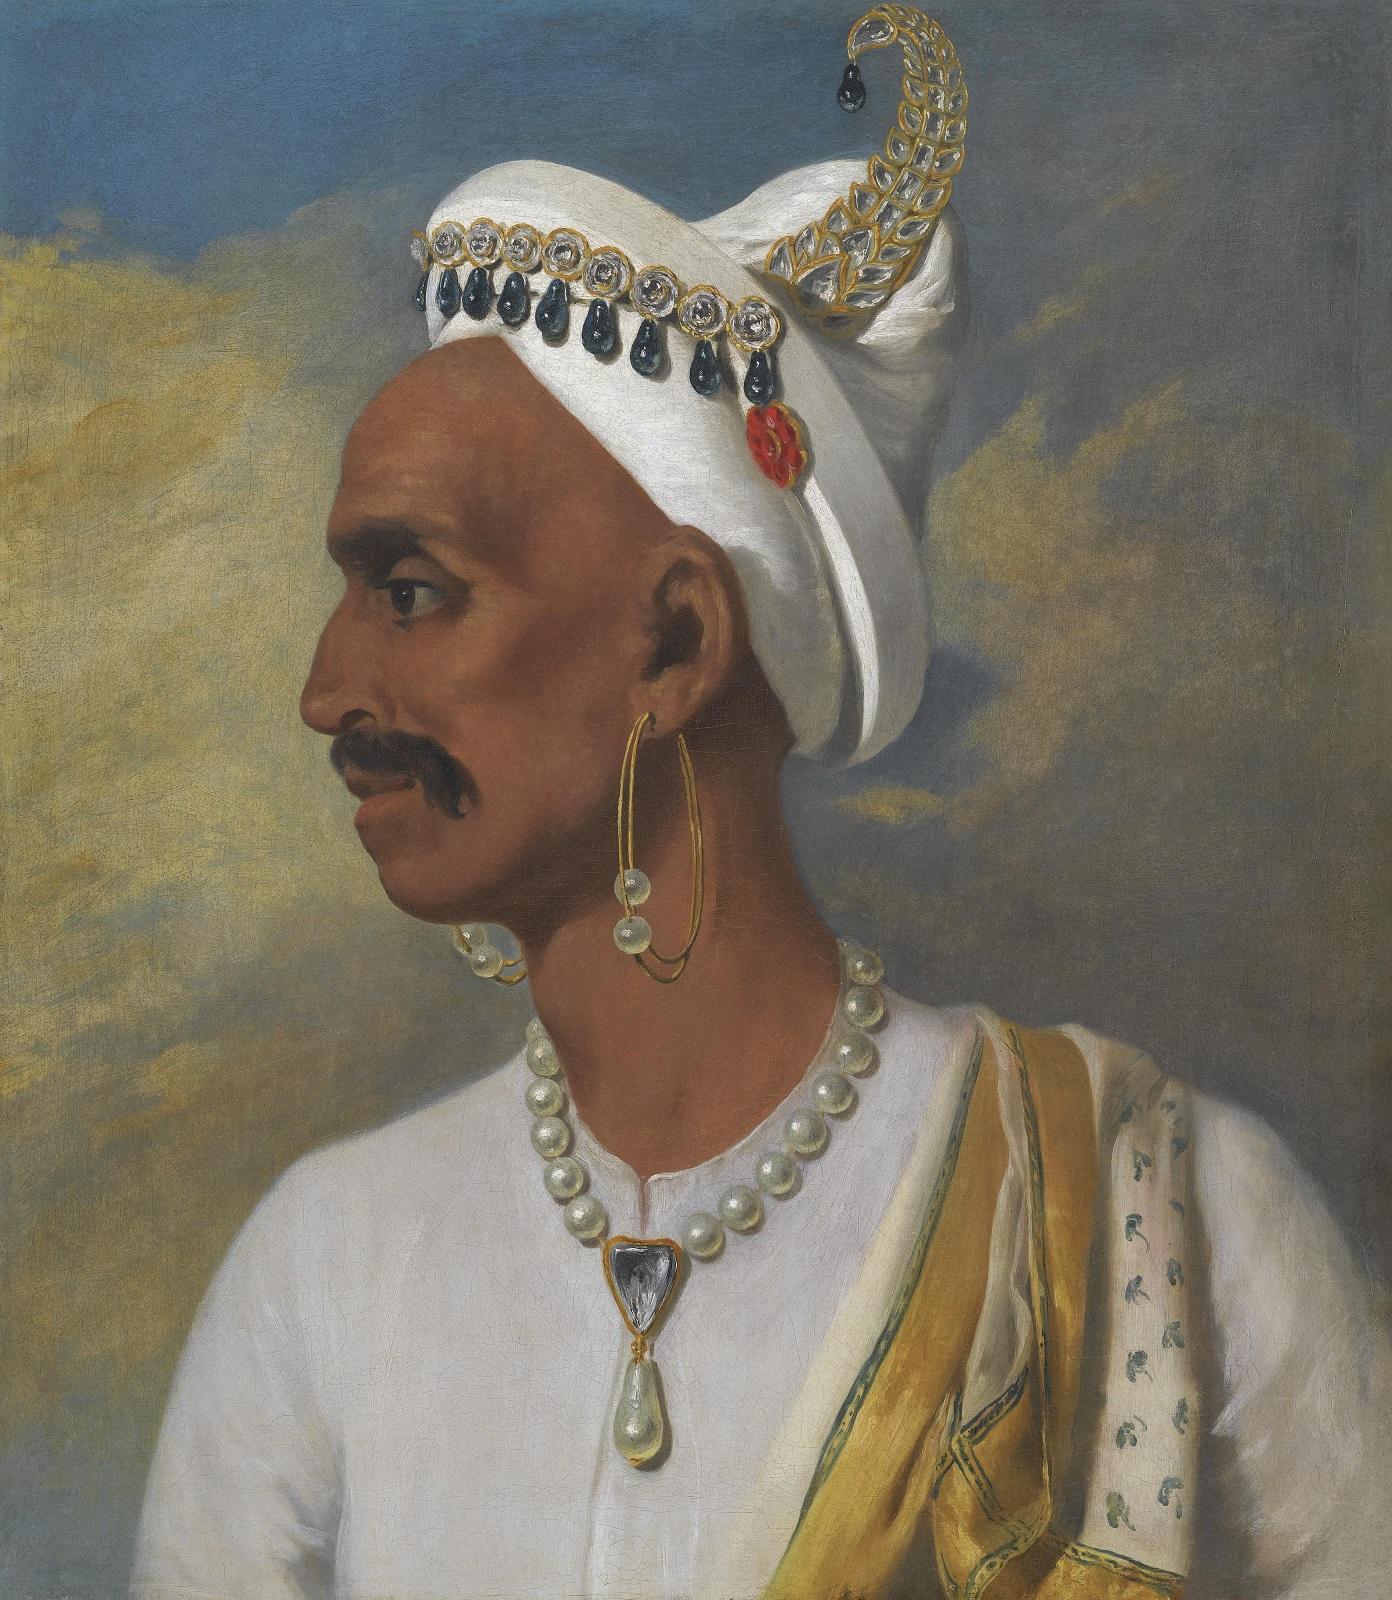 নবাব সিরাজুউদ্দৌল্লাহর পতনের পর বাংলার সংক্ষিপ্ত অবস্থা